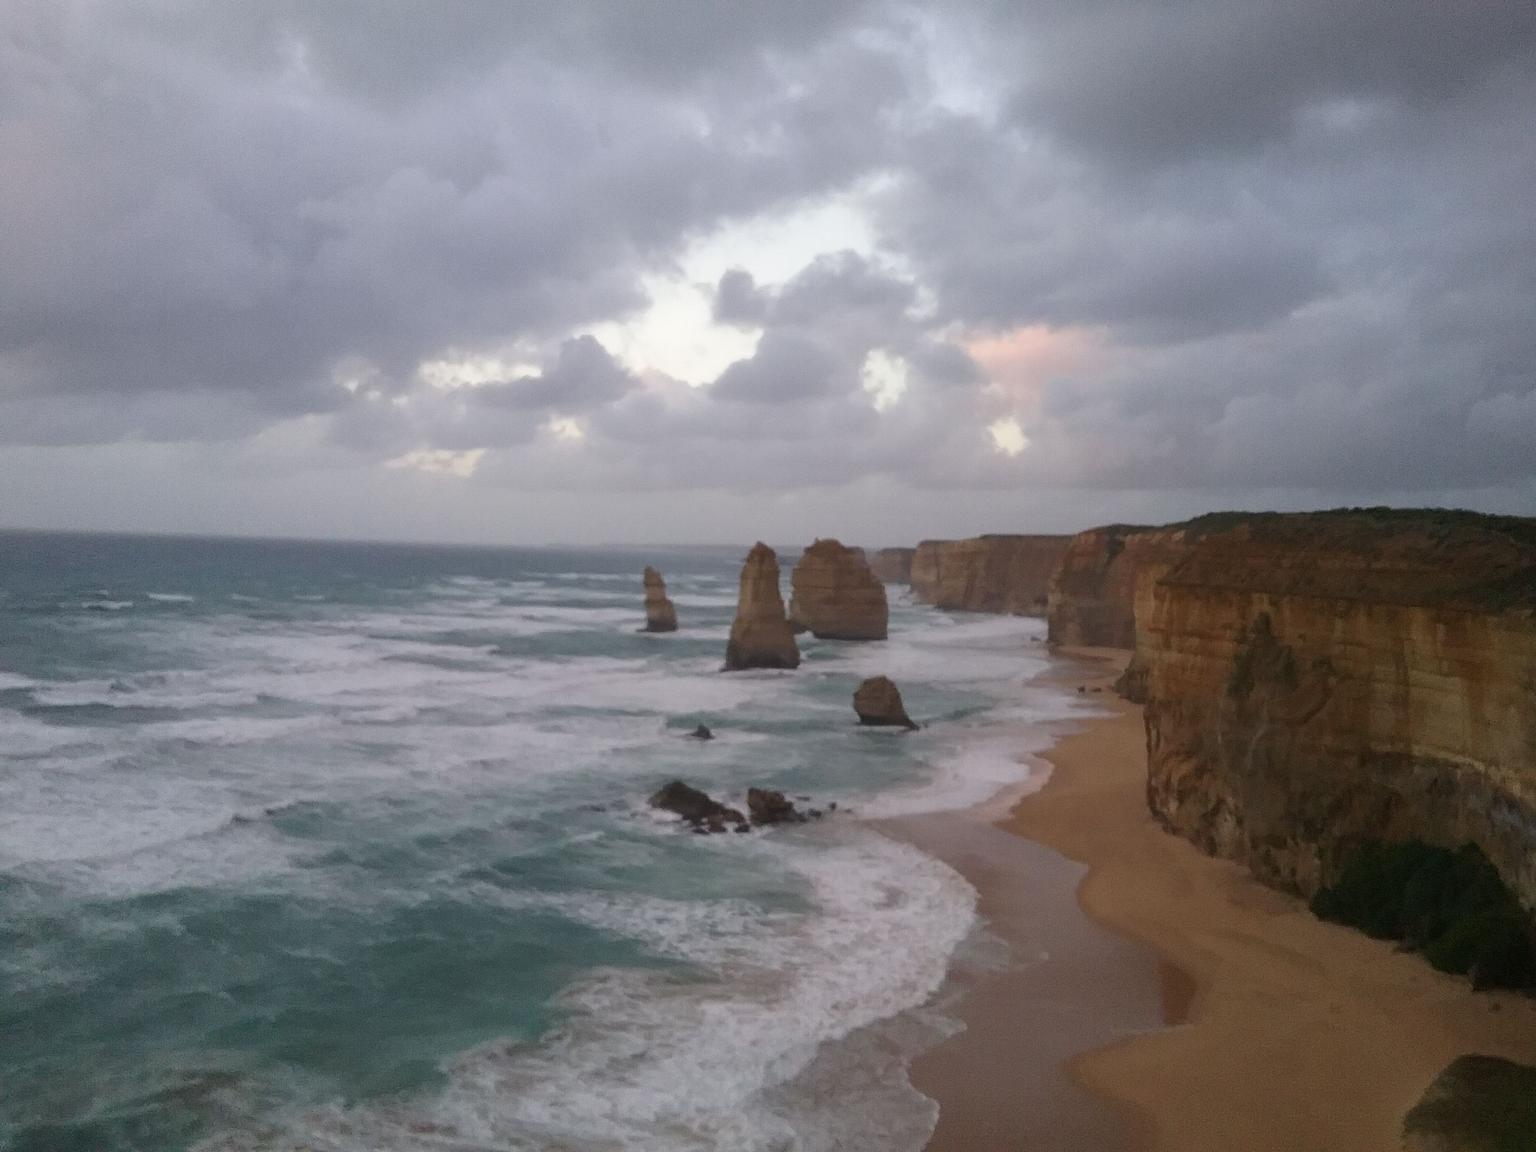 MÁS FOTOS, Excursión al atardecer a la Gran Carretera Oceánica desde Melbourne